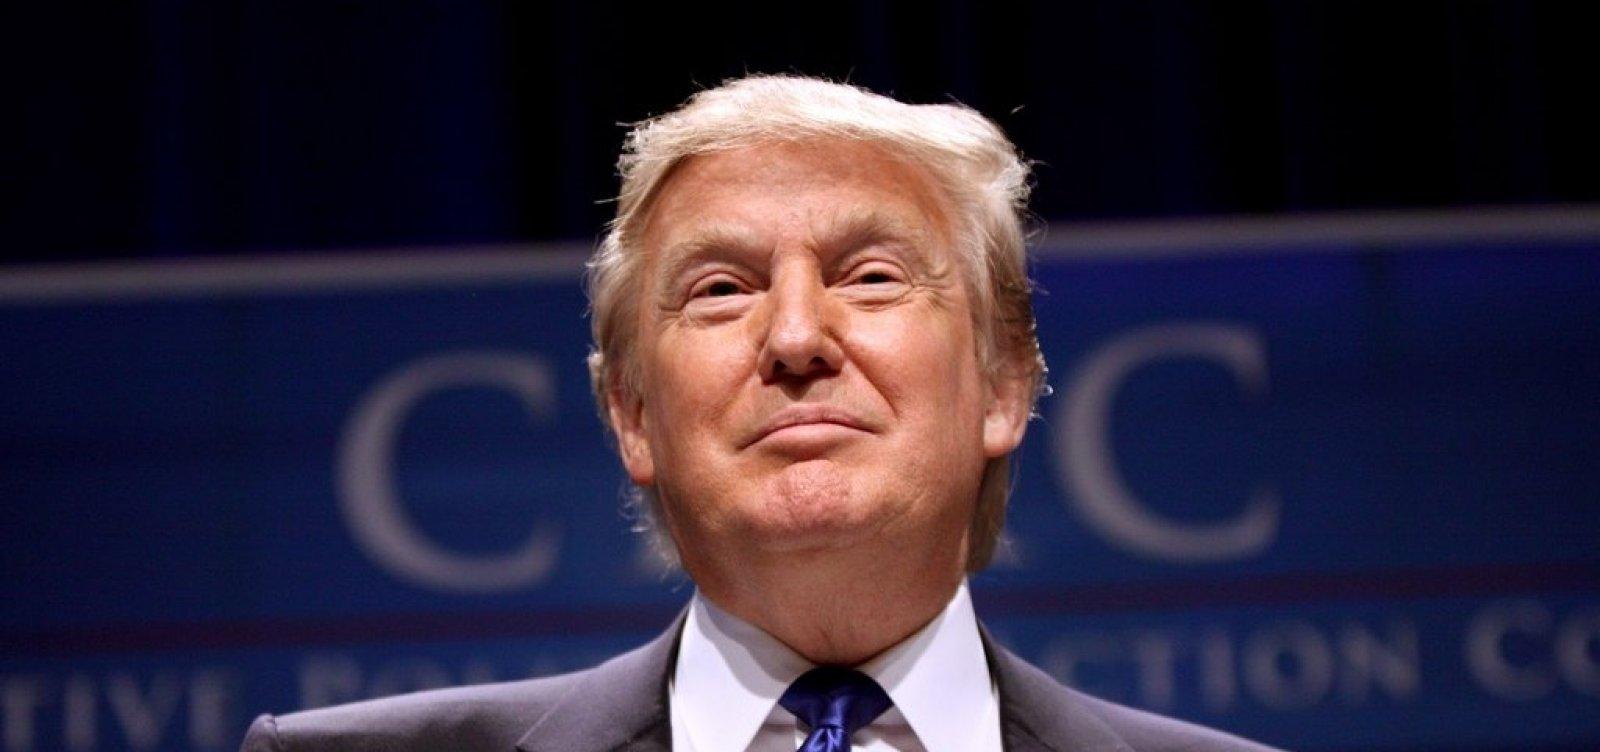 [Partido de Trump perde maioria na Câmara, mas amplia no Senado]